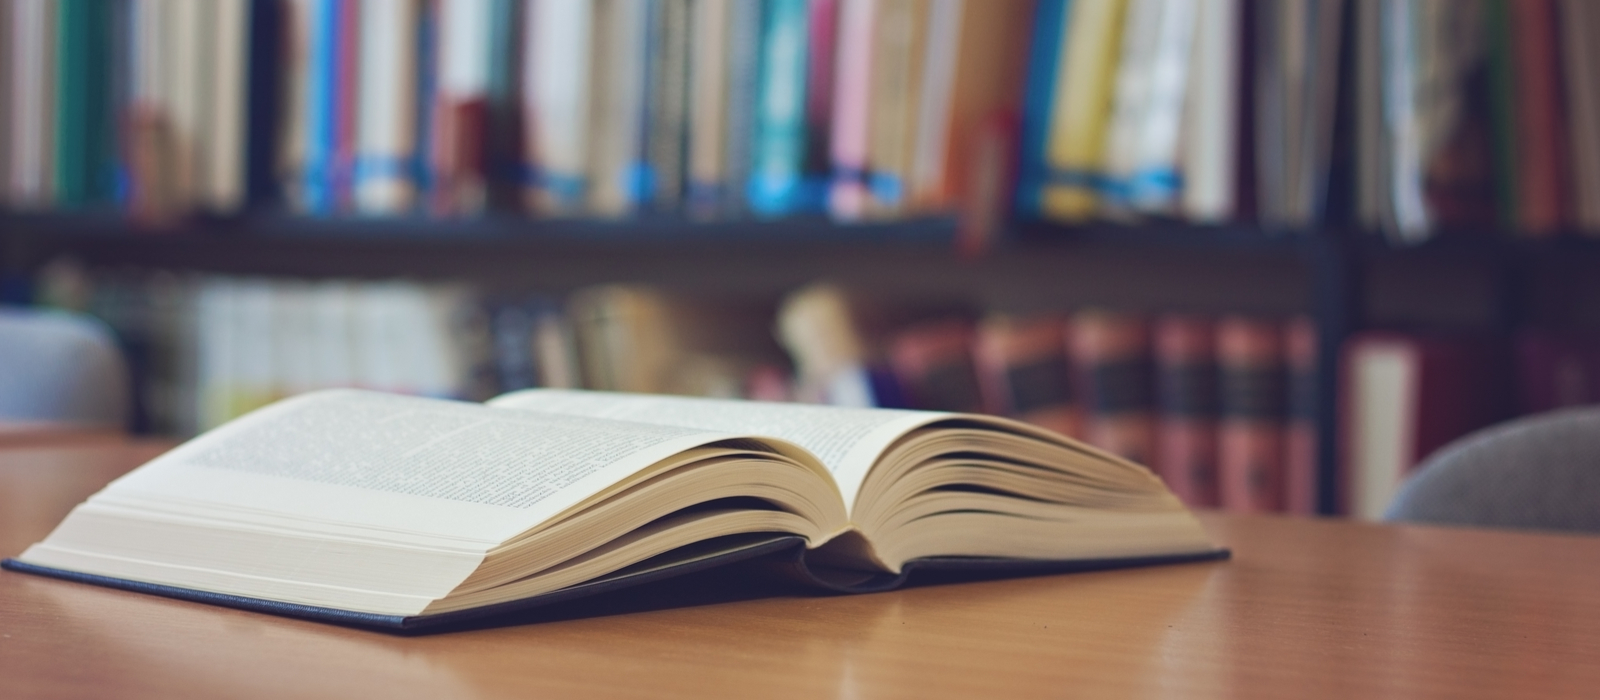 la lectura contribuye al aprendizaje